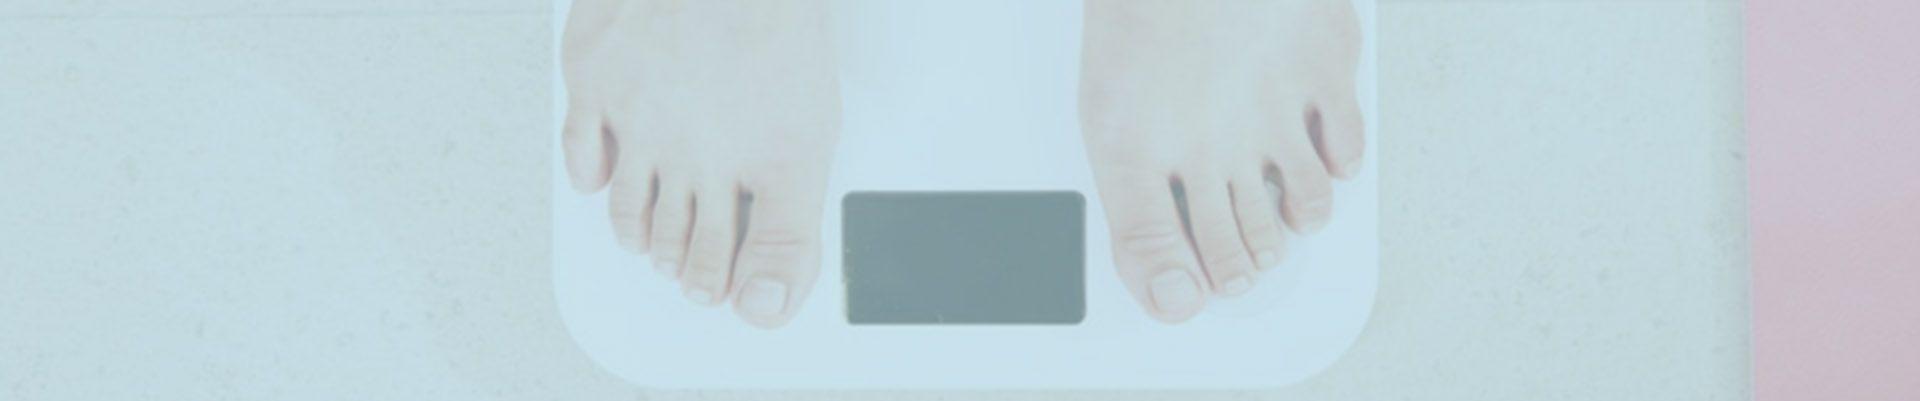 Dieta para bajar piernas